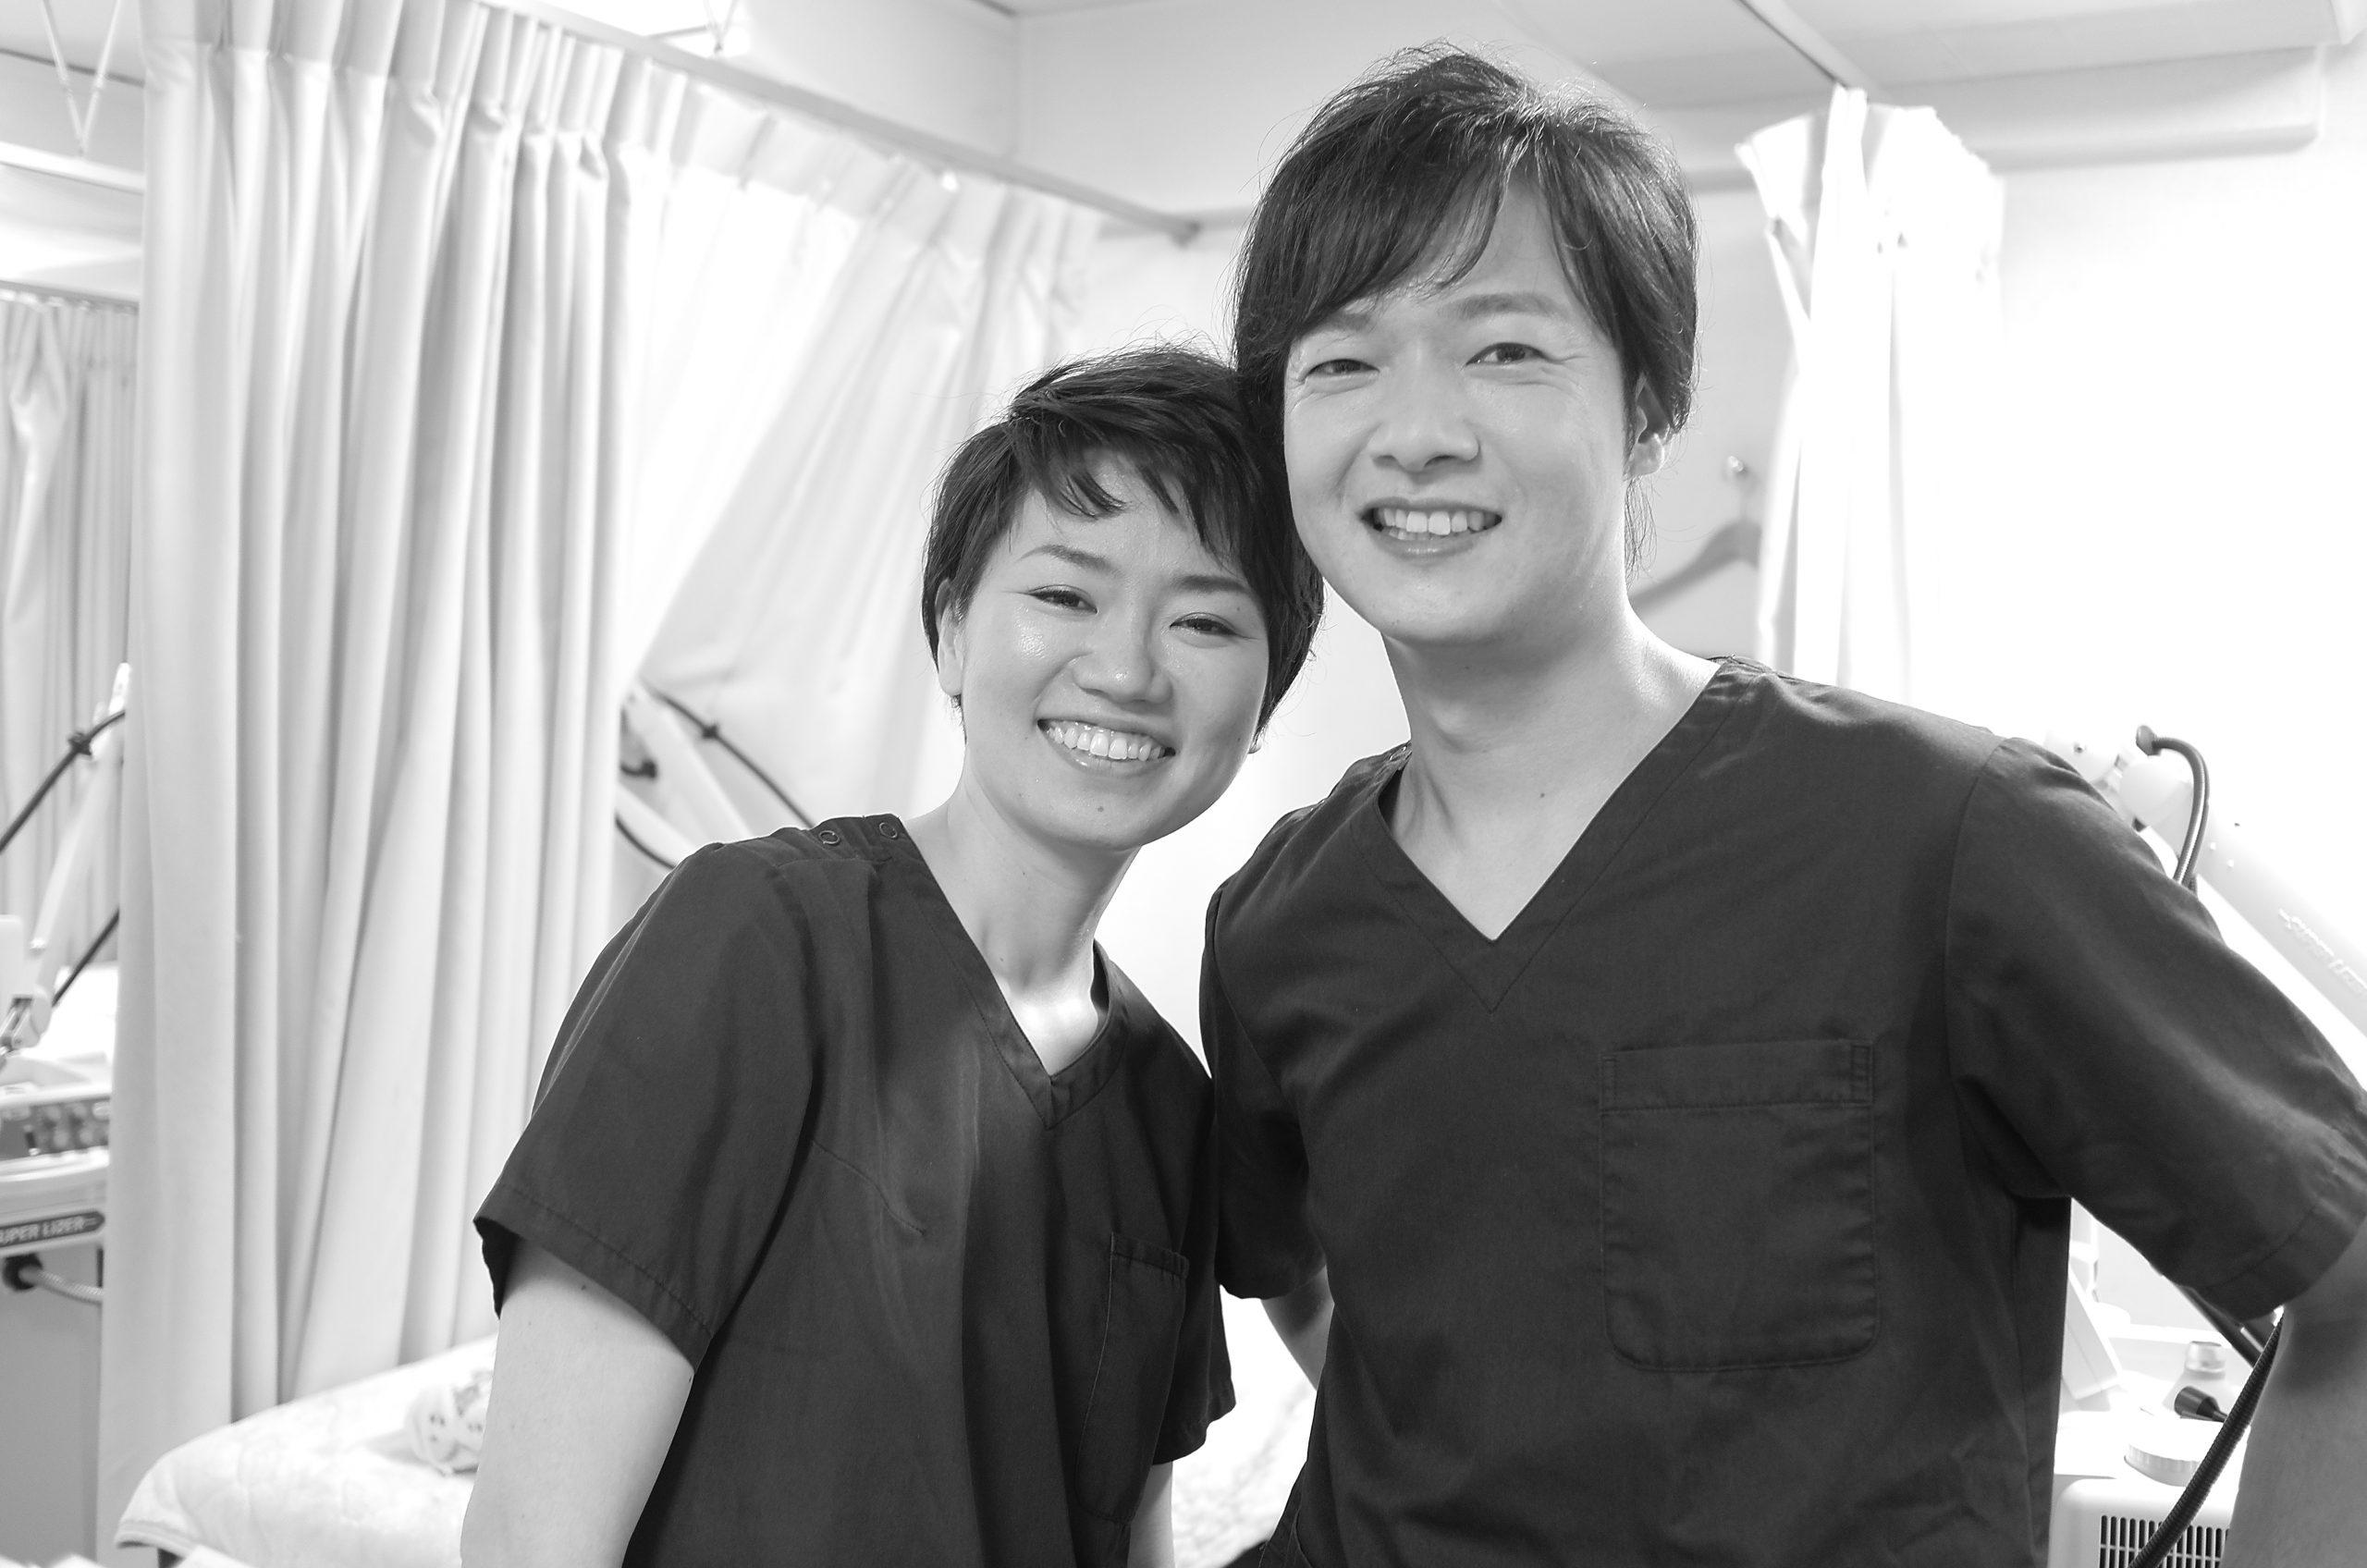 遠藤彰宏真紀子の二人のモノクロ写真